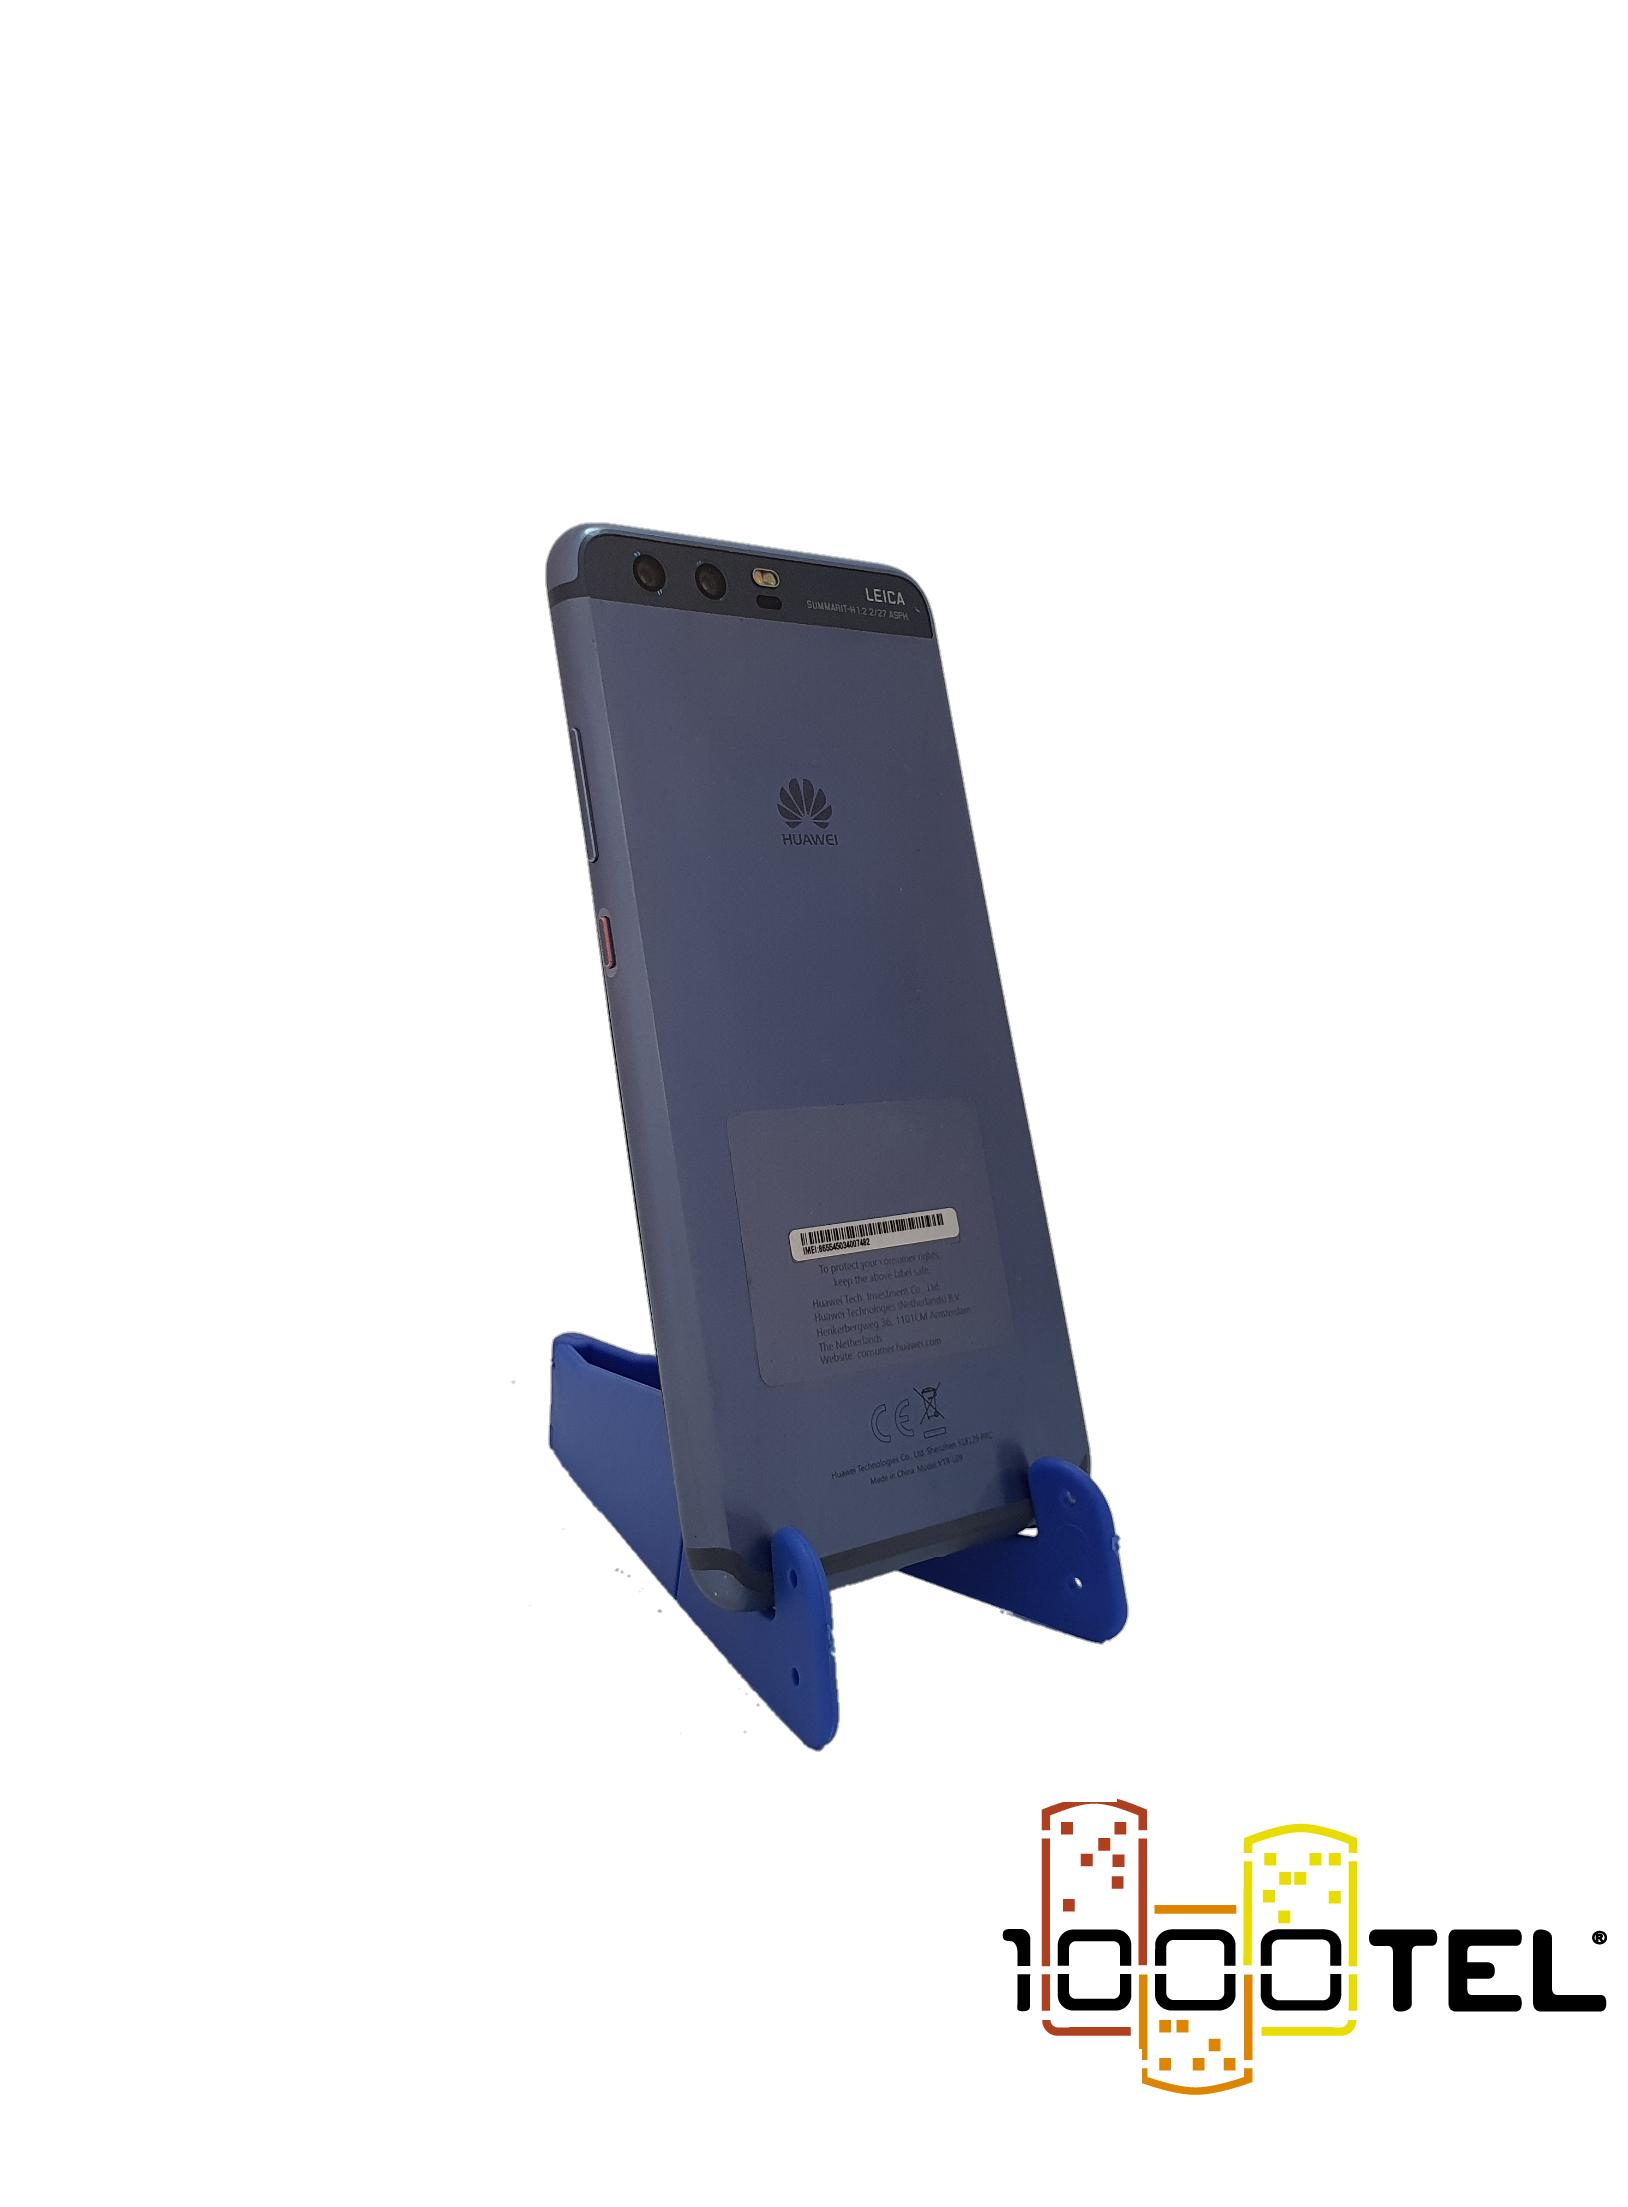 Huawei P10 #3